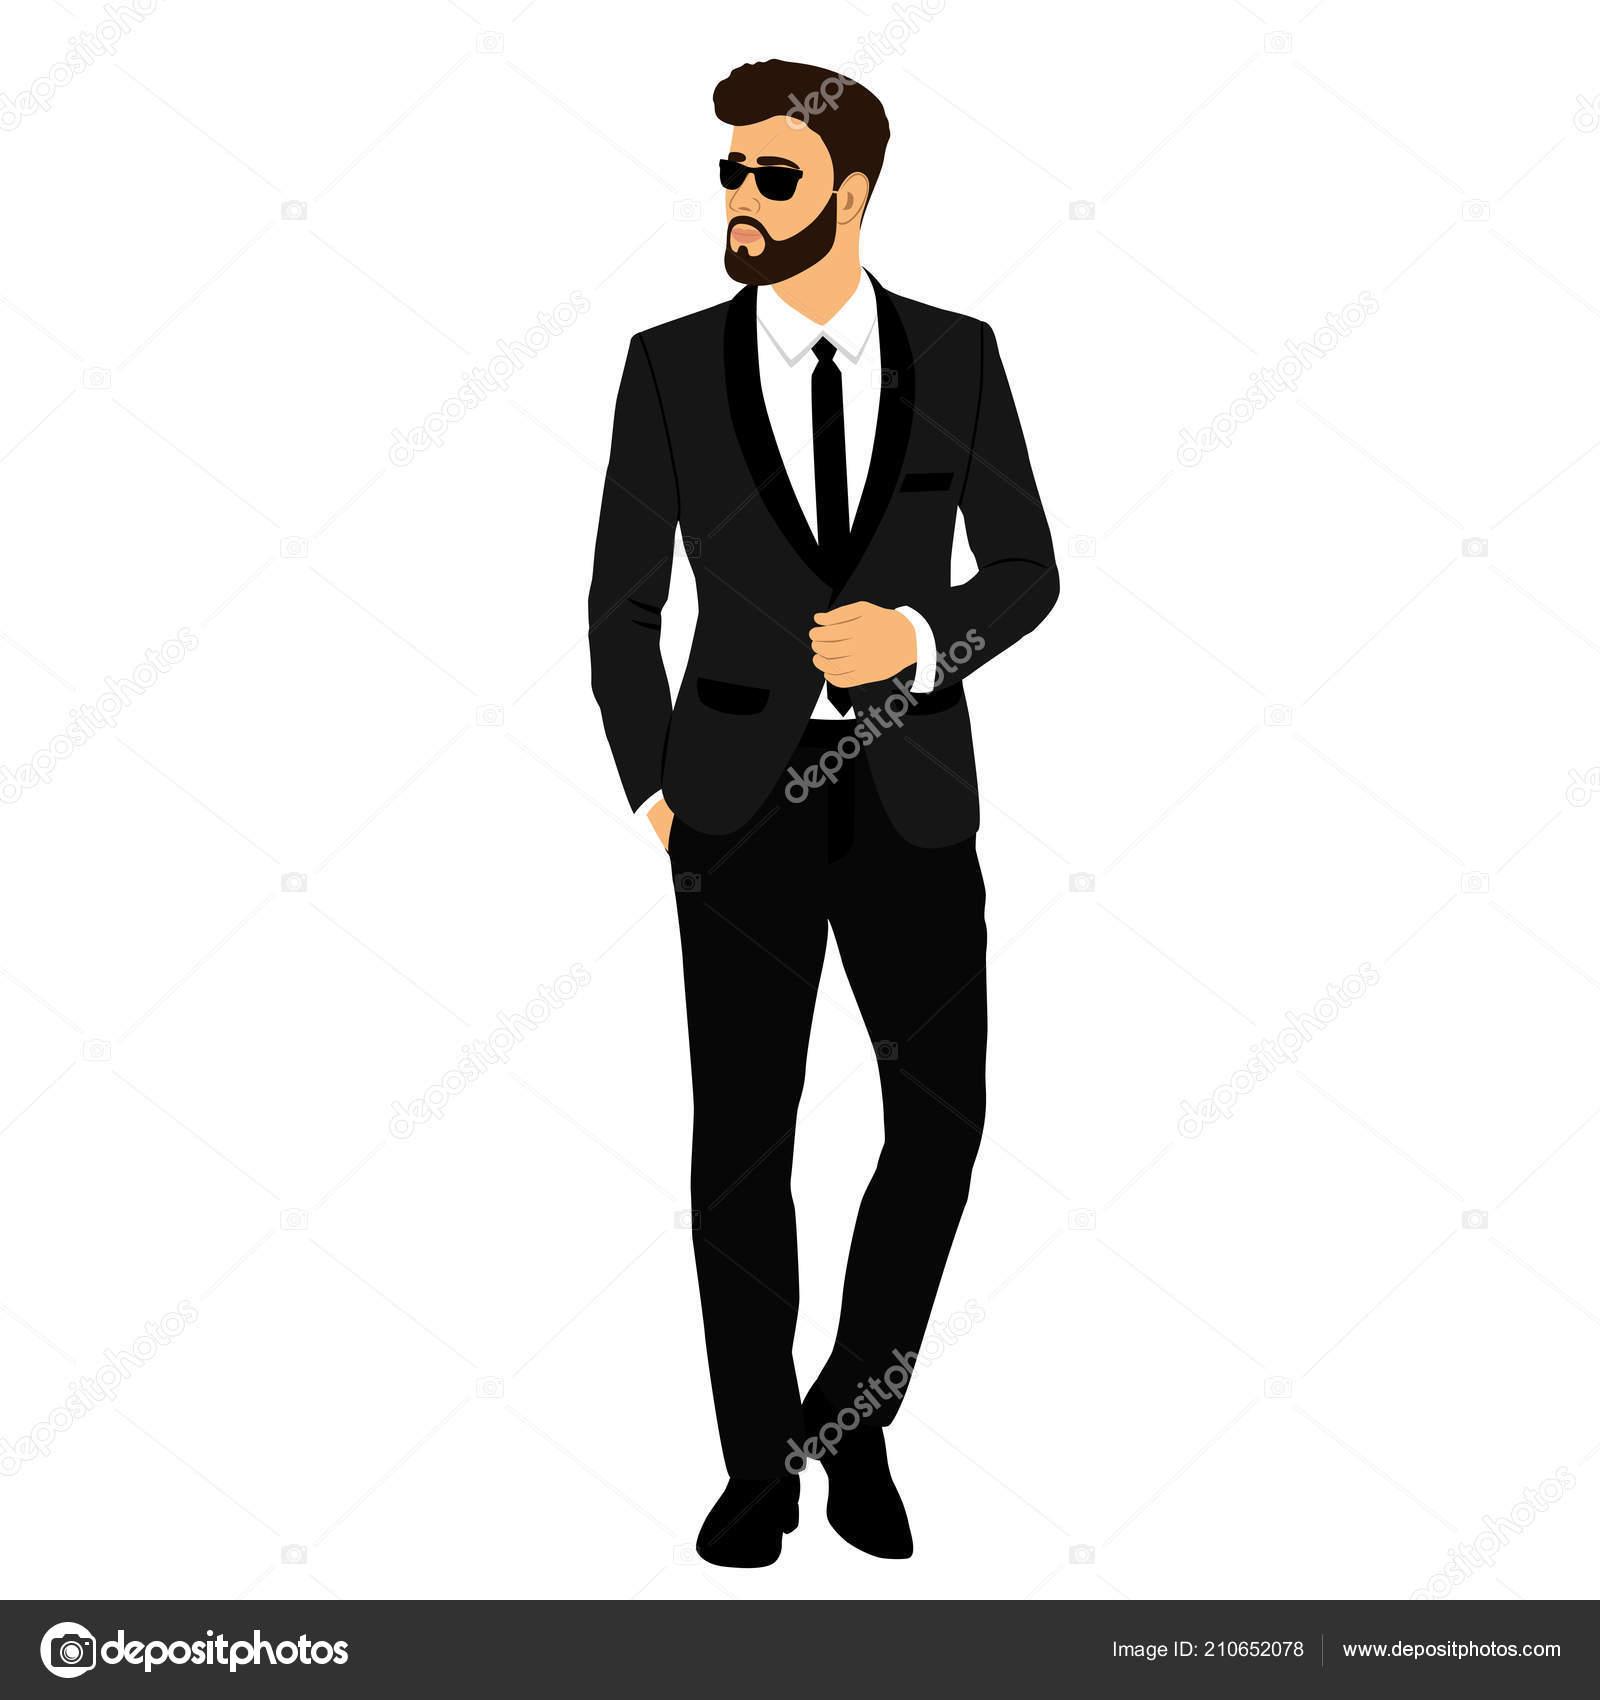 El novio. Caballero. Hombre de negocios. Ropa. Boda hombre traje de  esmoquin. Ilustración de vector — Vector de pyshustik210905.gmail.com 864479ef255